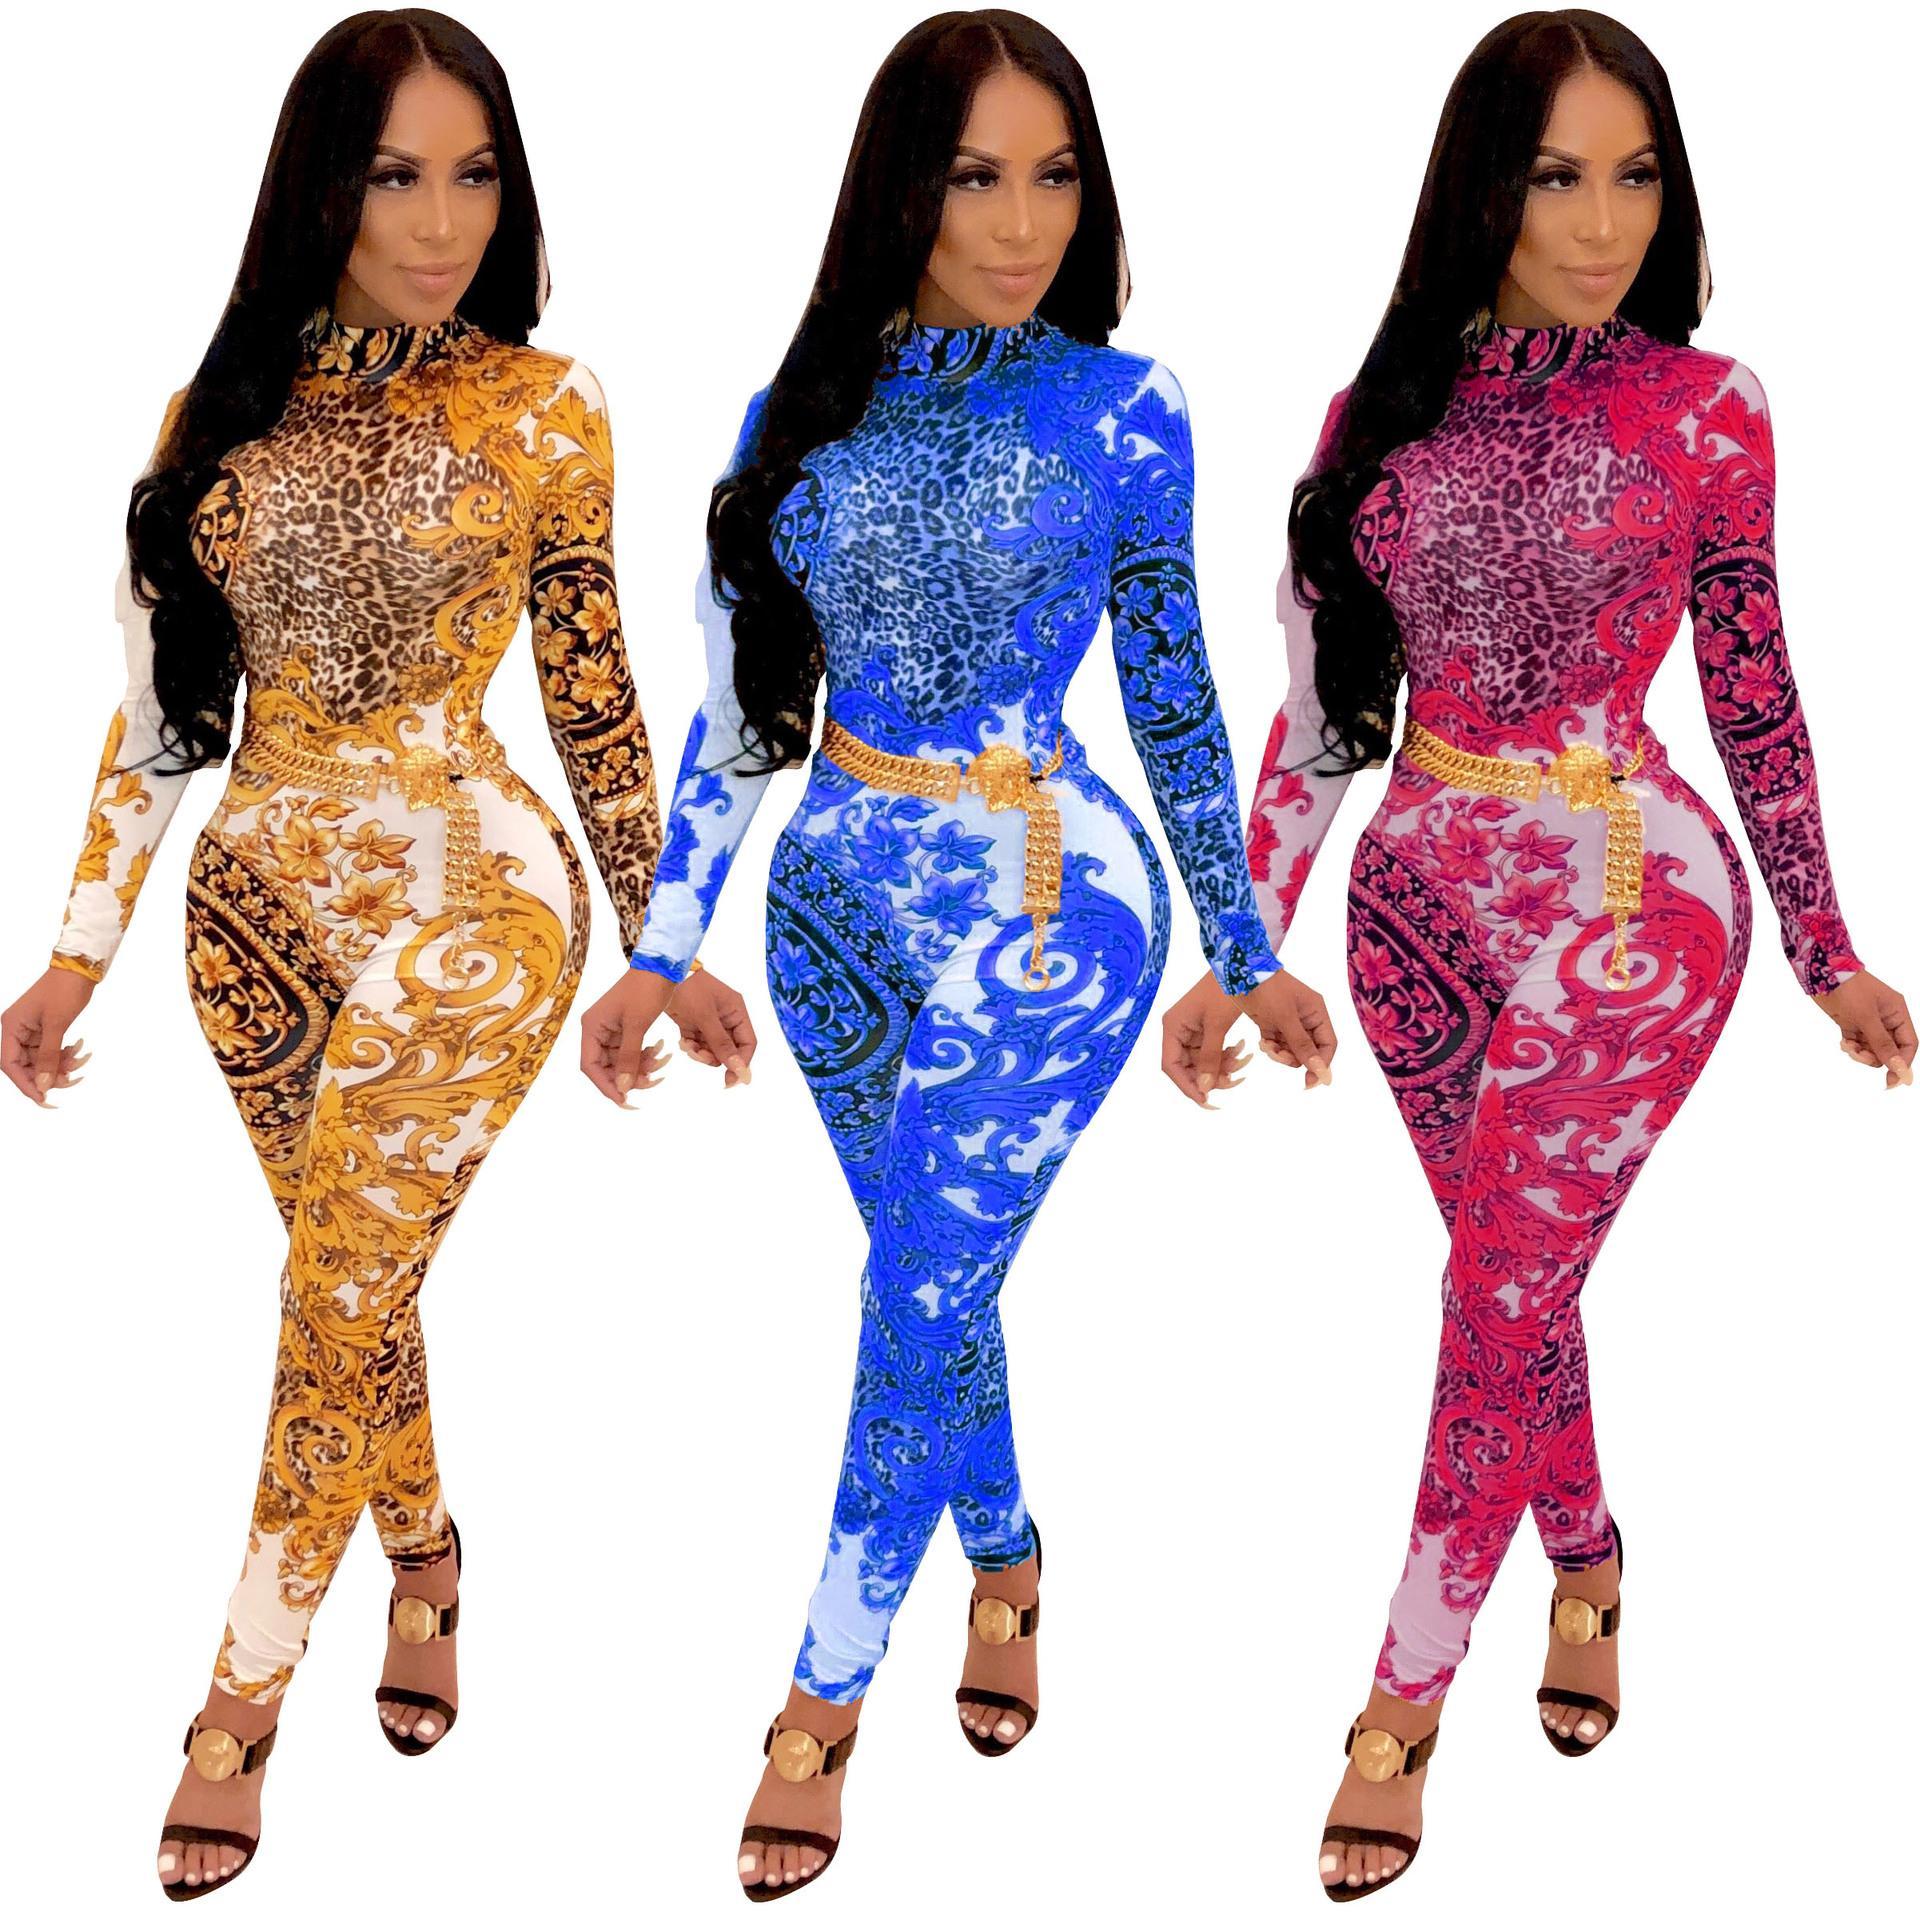 Macacões das mulheres flor estampa de leopardo macacão de manga comprida Sexy Mulheres Bodysuits fatos para brincar macacãozinho Macacões para Venda